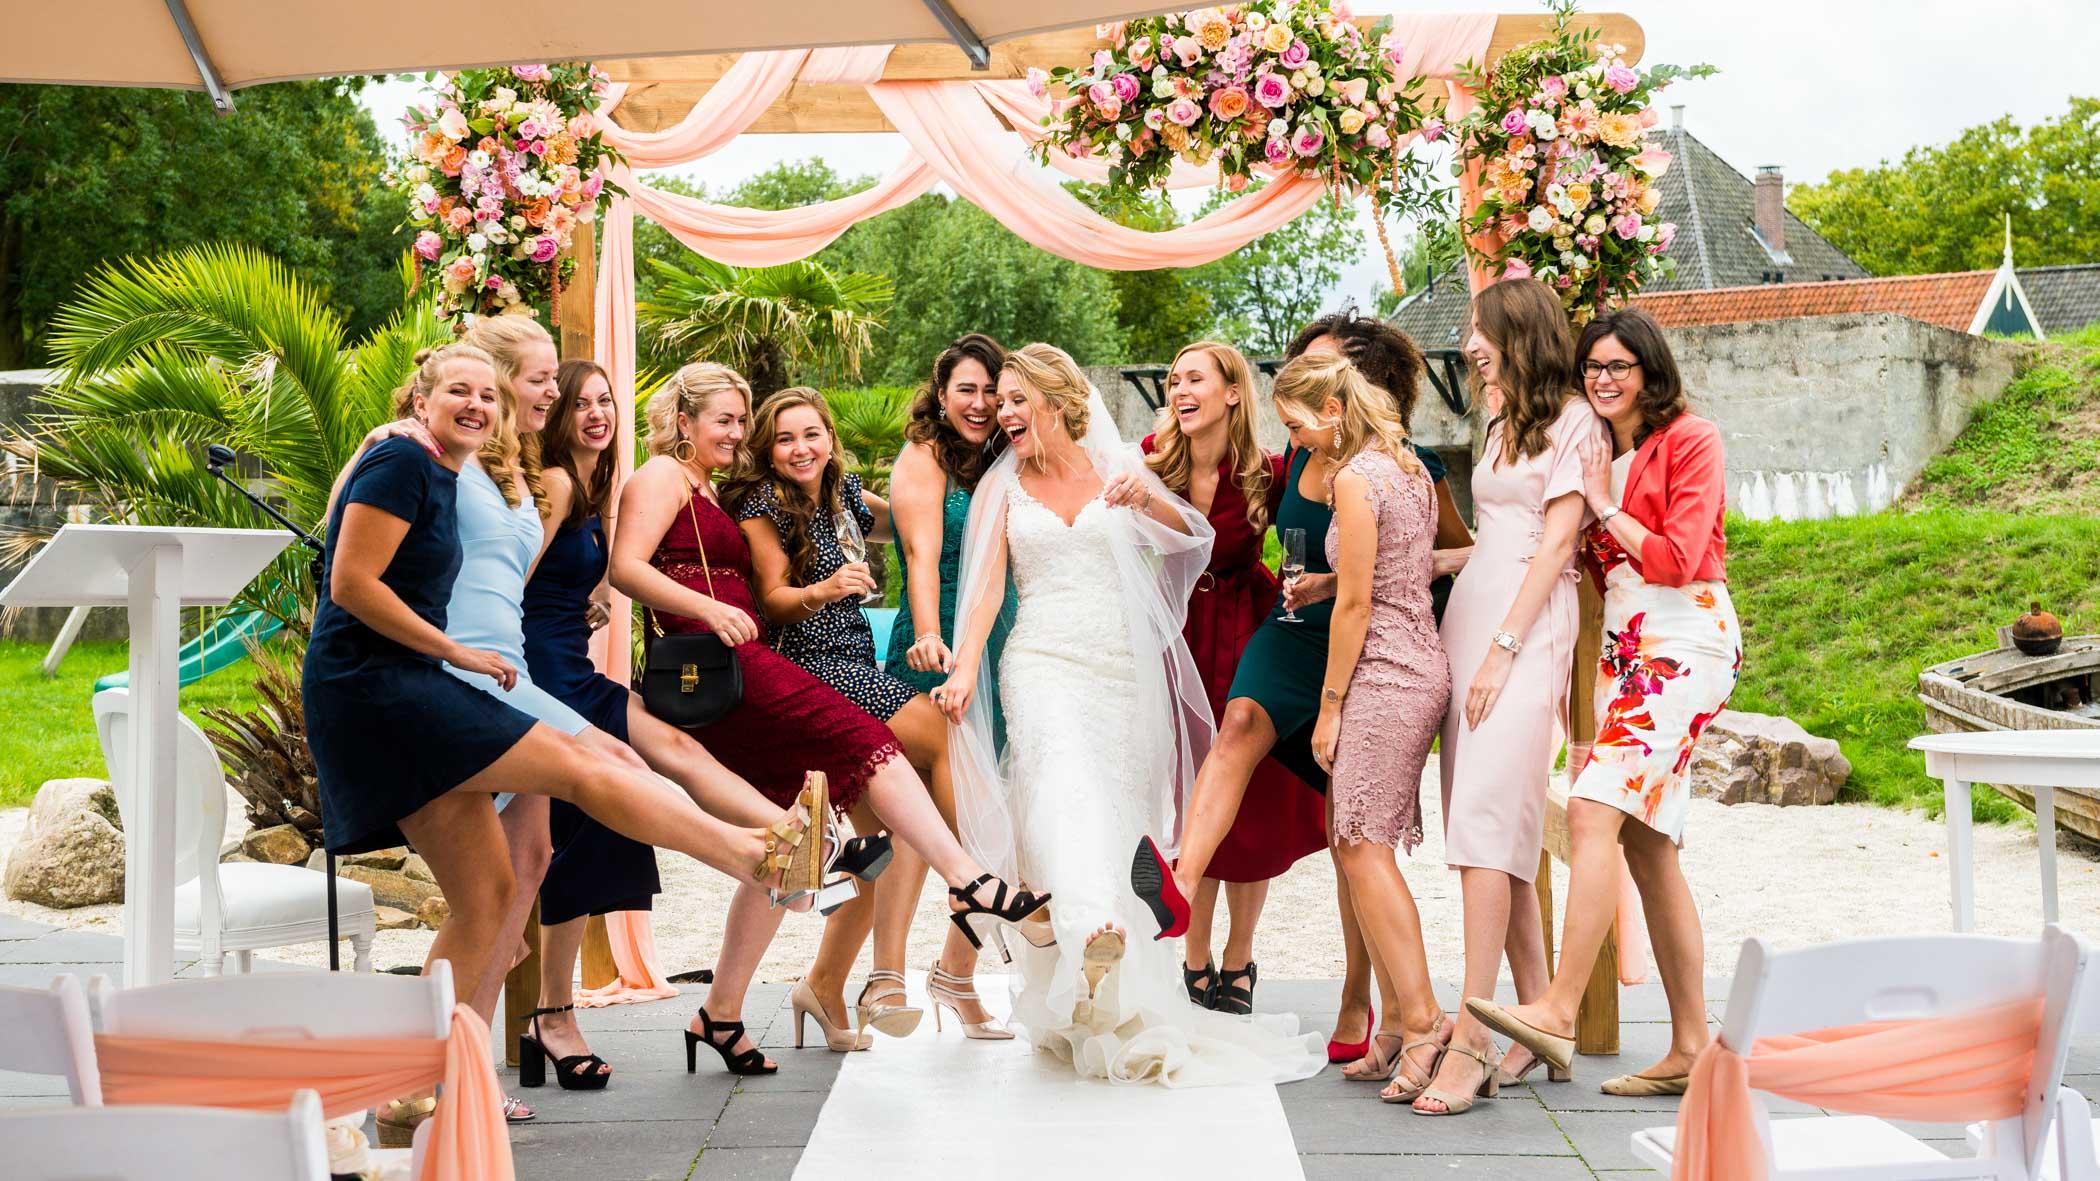 groepsfoto bruiloft vriendinnen